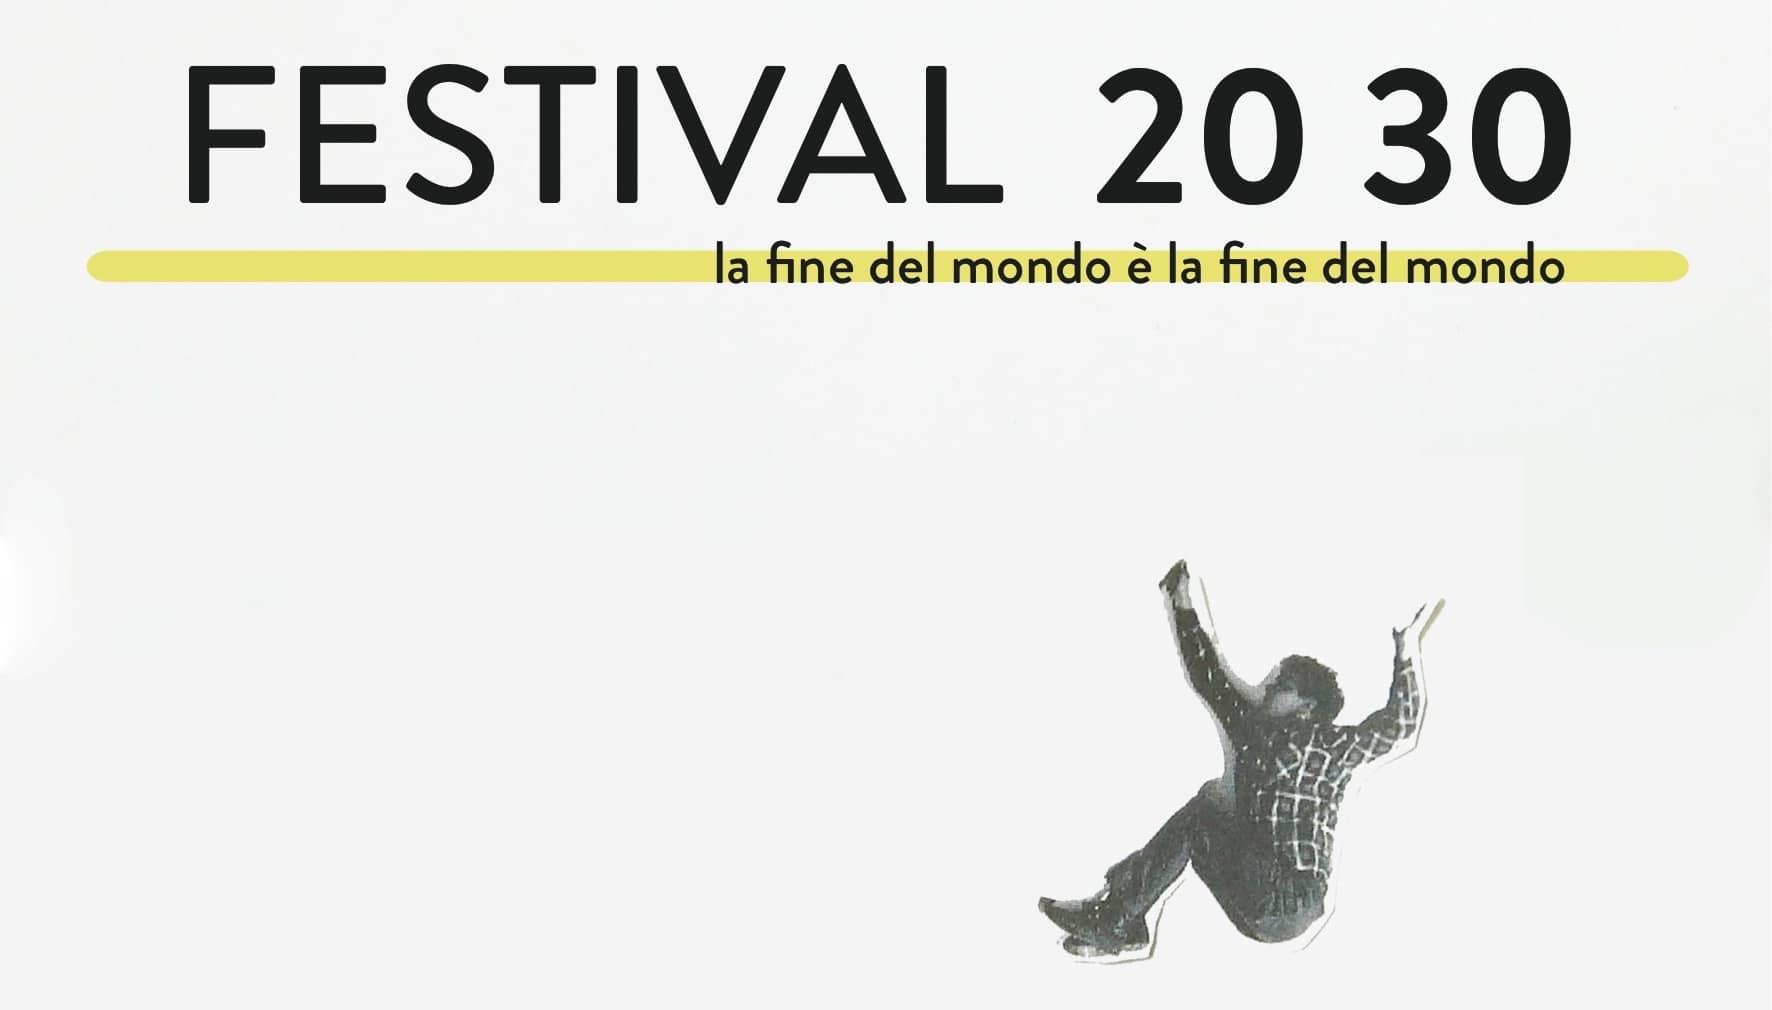 All'Arena del Sole il Festival 20 30